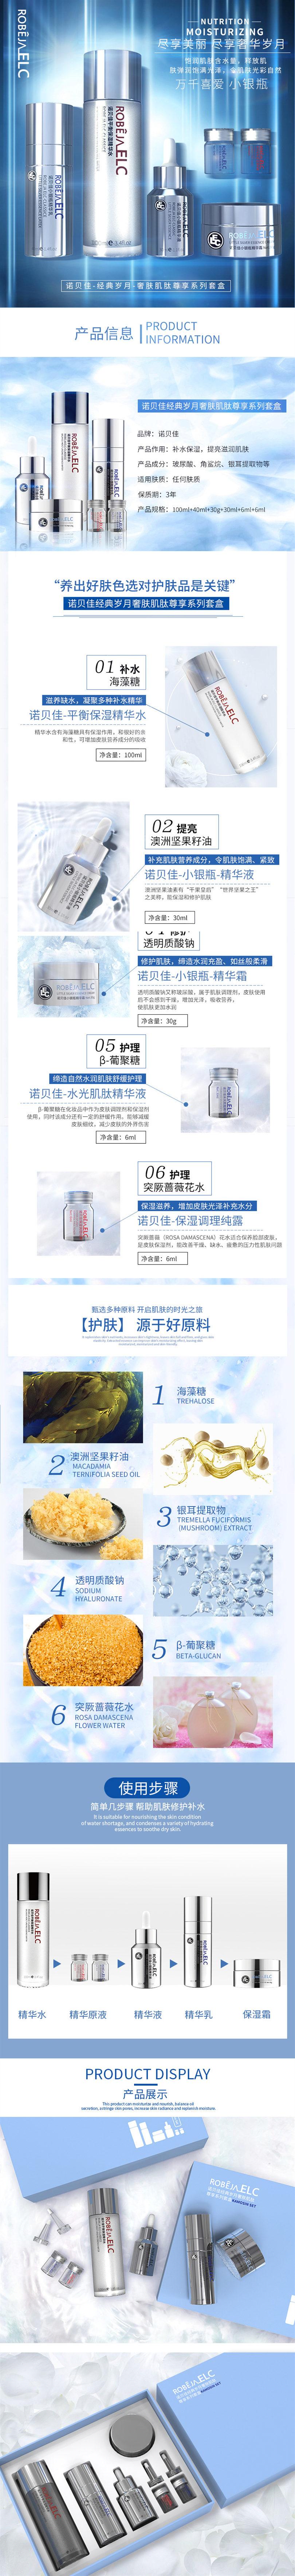 https://xiaoba.shall-buy.com/attachment/images/13937/2019/07/ap5P4bfKNNCNbNfcBpJkjN9n7NQZ4Q.jpg